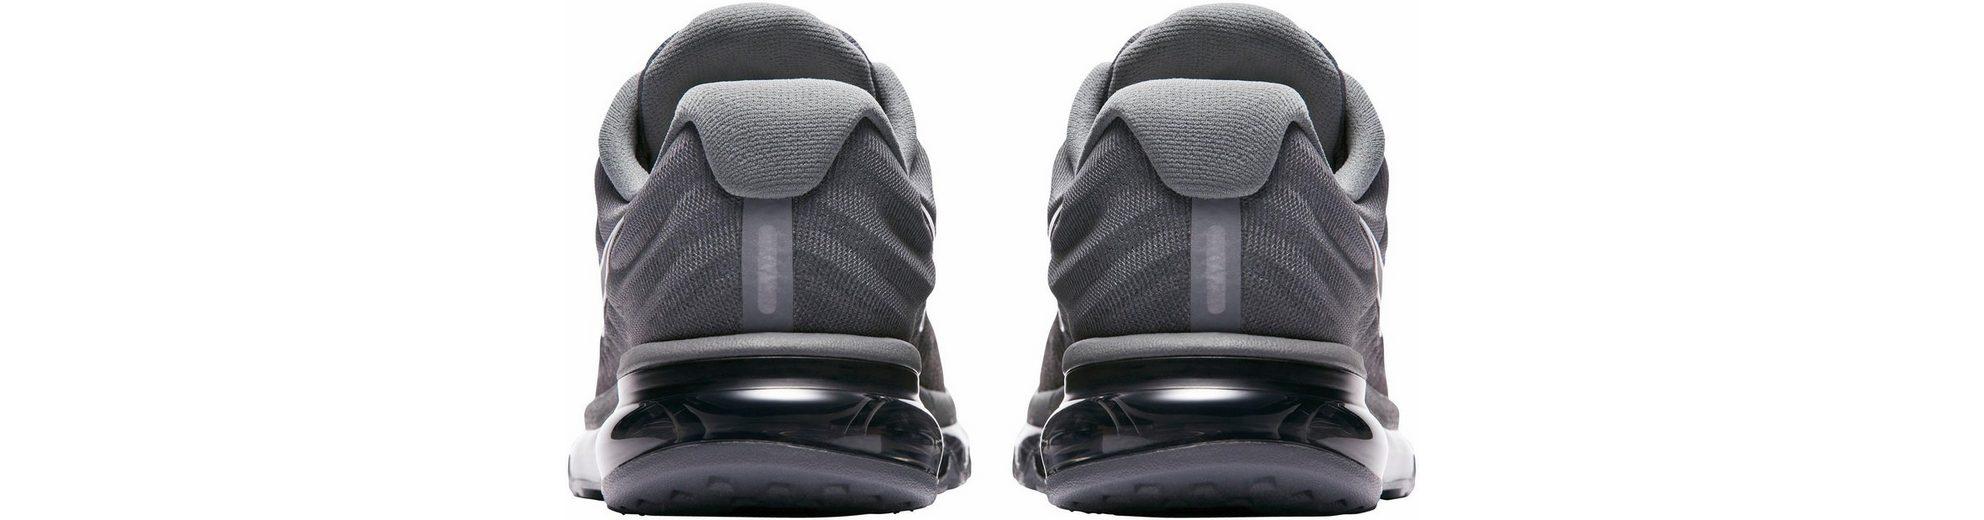 Nike Air Max 2017 Laufschuh Billige Versorgung e0juFX1Wq